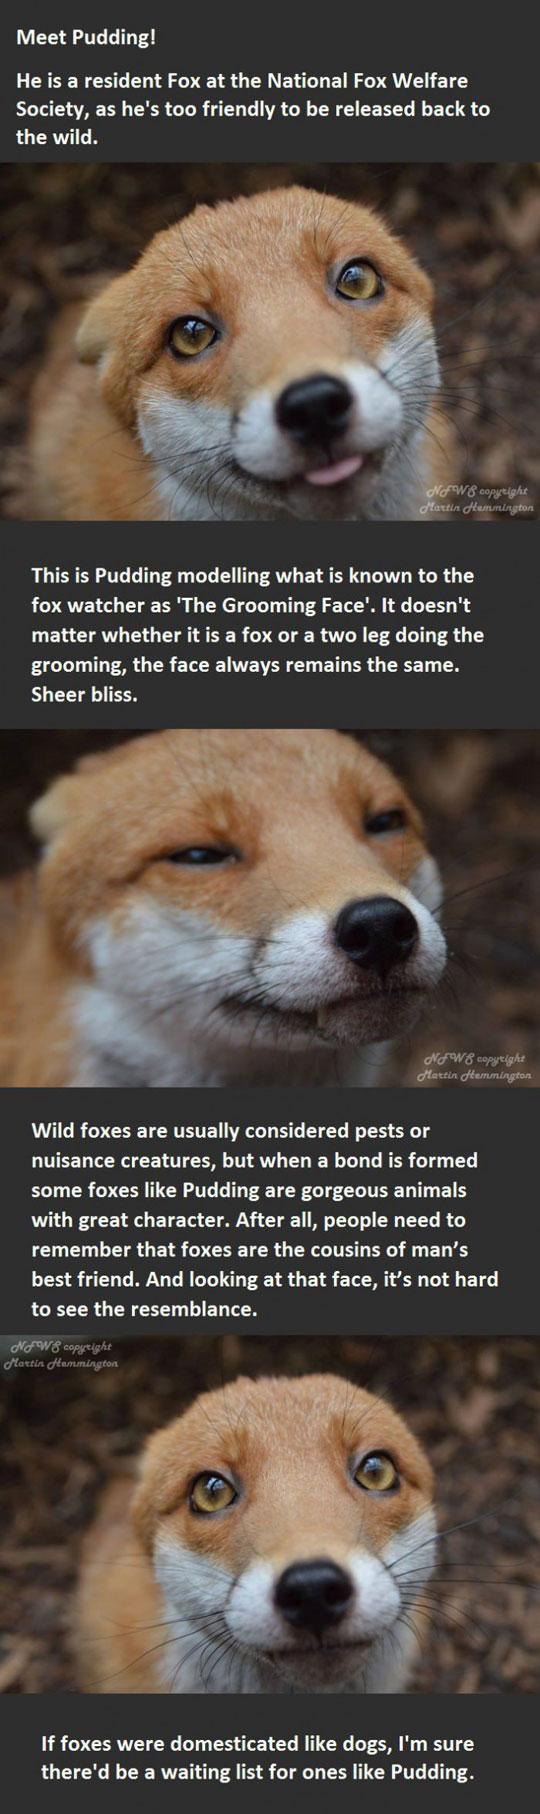 funny-cute-domestic-fox-Pudding